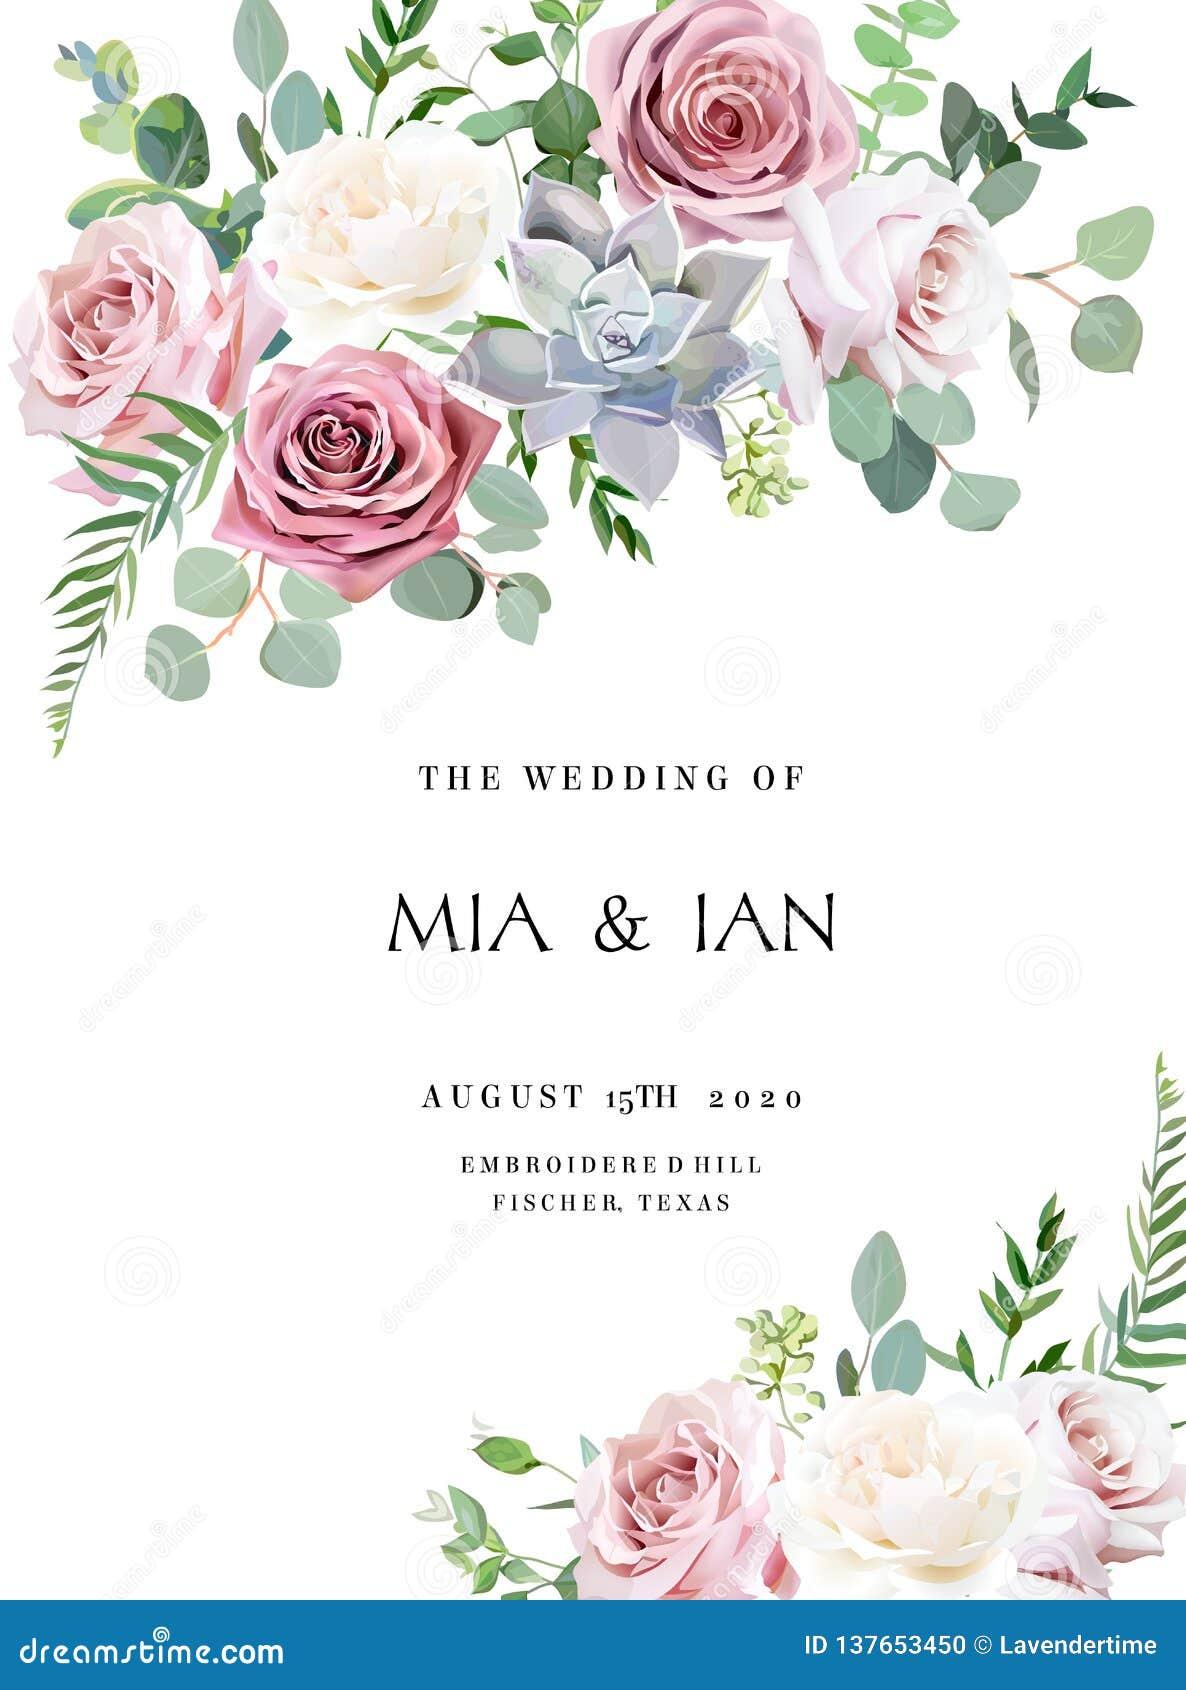 Пылевоздушный пинк, сметанообразная ая-бел античная роза, бледная рамка свадьбы дизайна вектора цветков